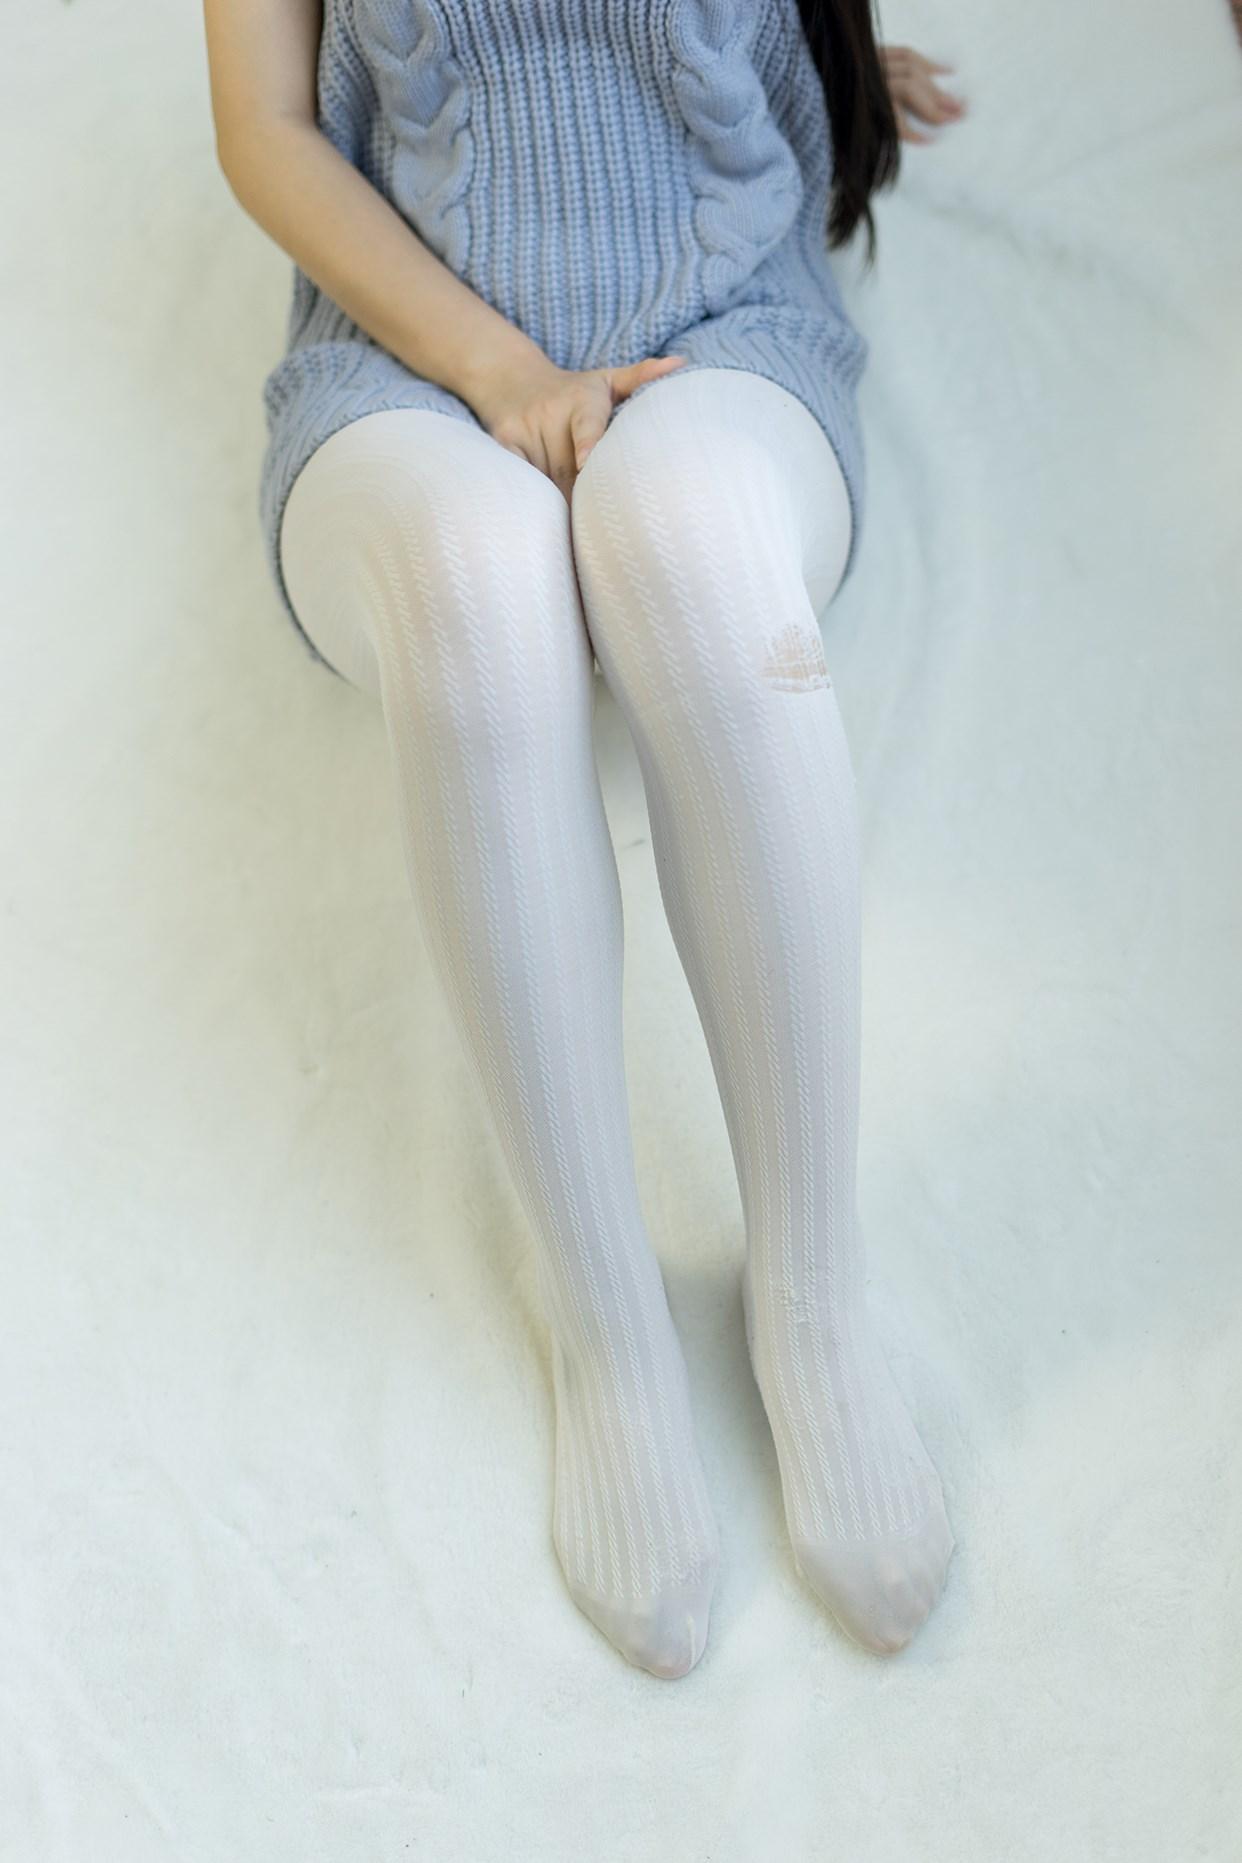 【兔玩映画】白丝袜你喜欢吗 兔玩映画 第10张